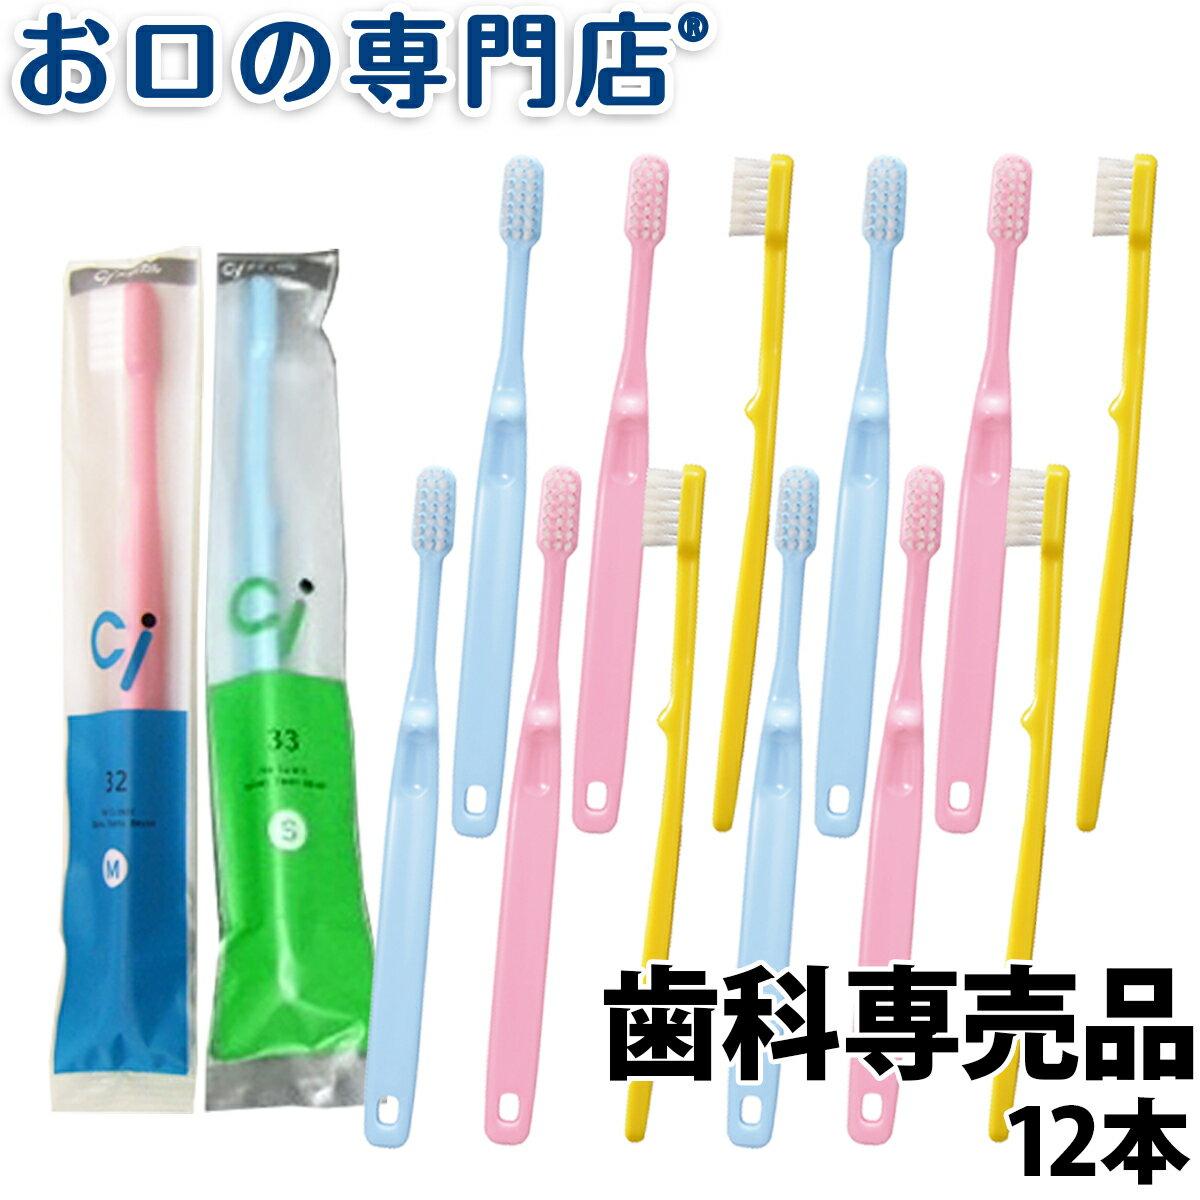 Ciメディカル 歯ブラシ Ci32/Ci33(園児〜小学生ミニサイズ)×12本 子ども用歯ブラシ 歯科専売品 【ゆうパケット(メール便)送料無料】